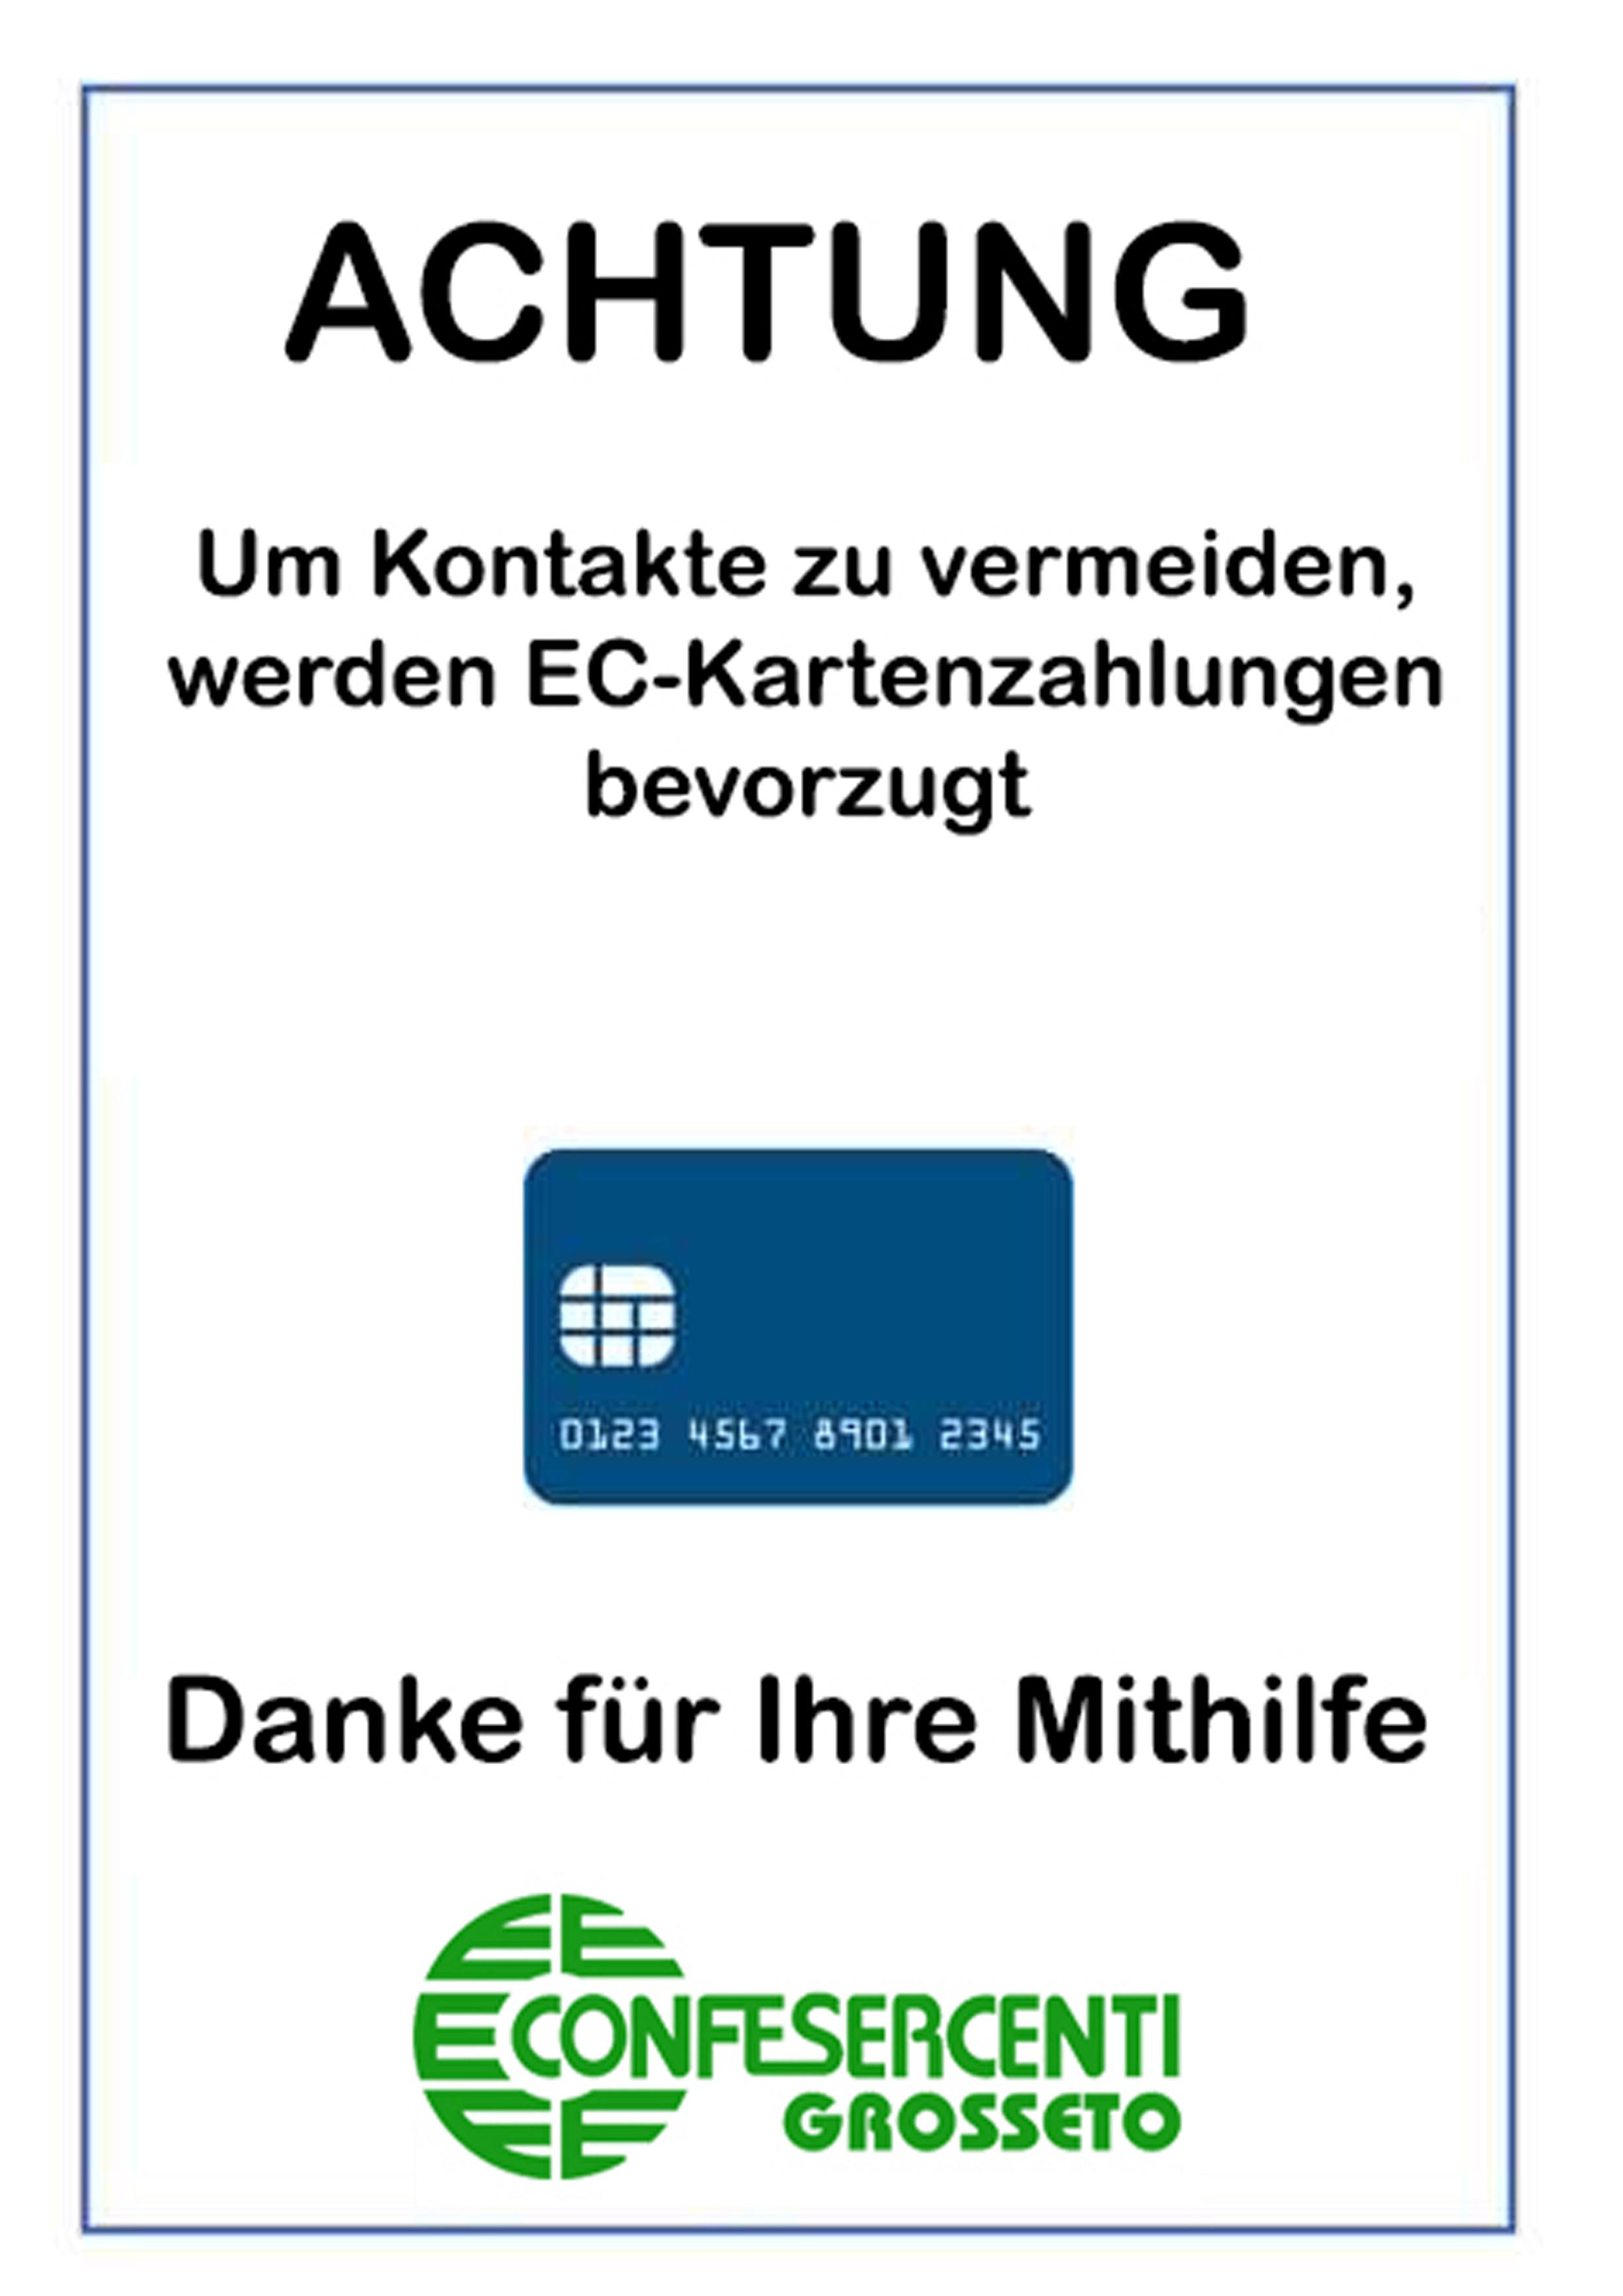 utilizzo-carta-credito-o-bancomat-n-5-tedesco-a4